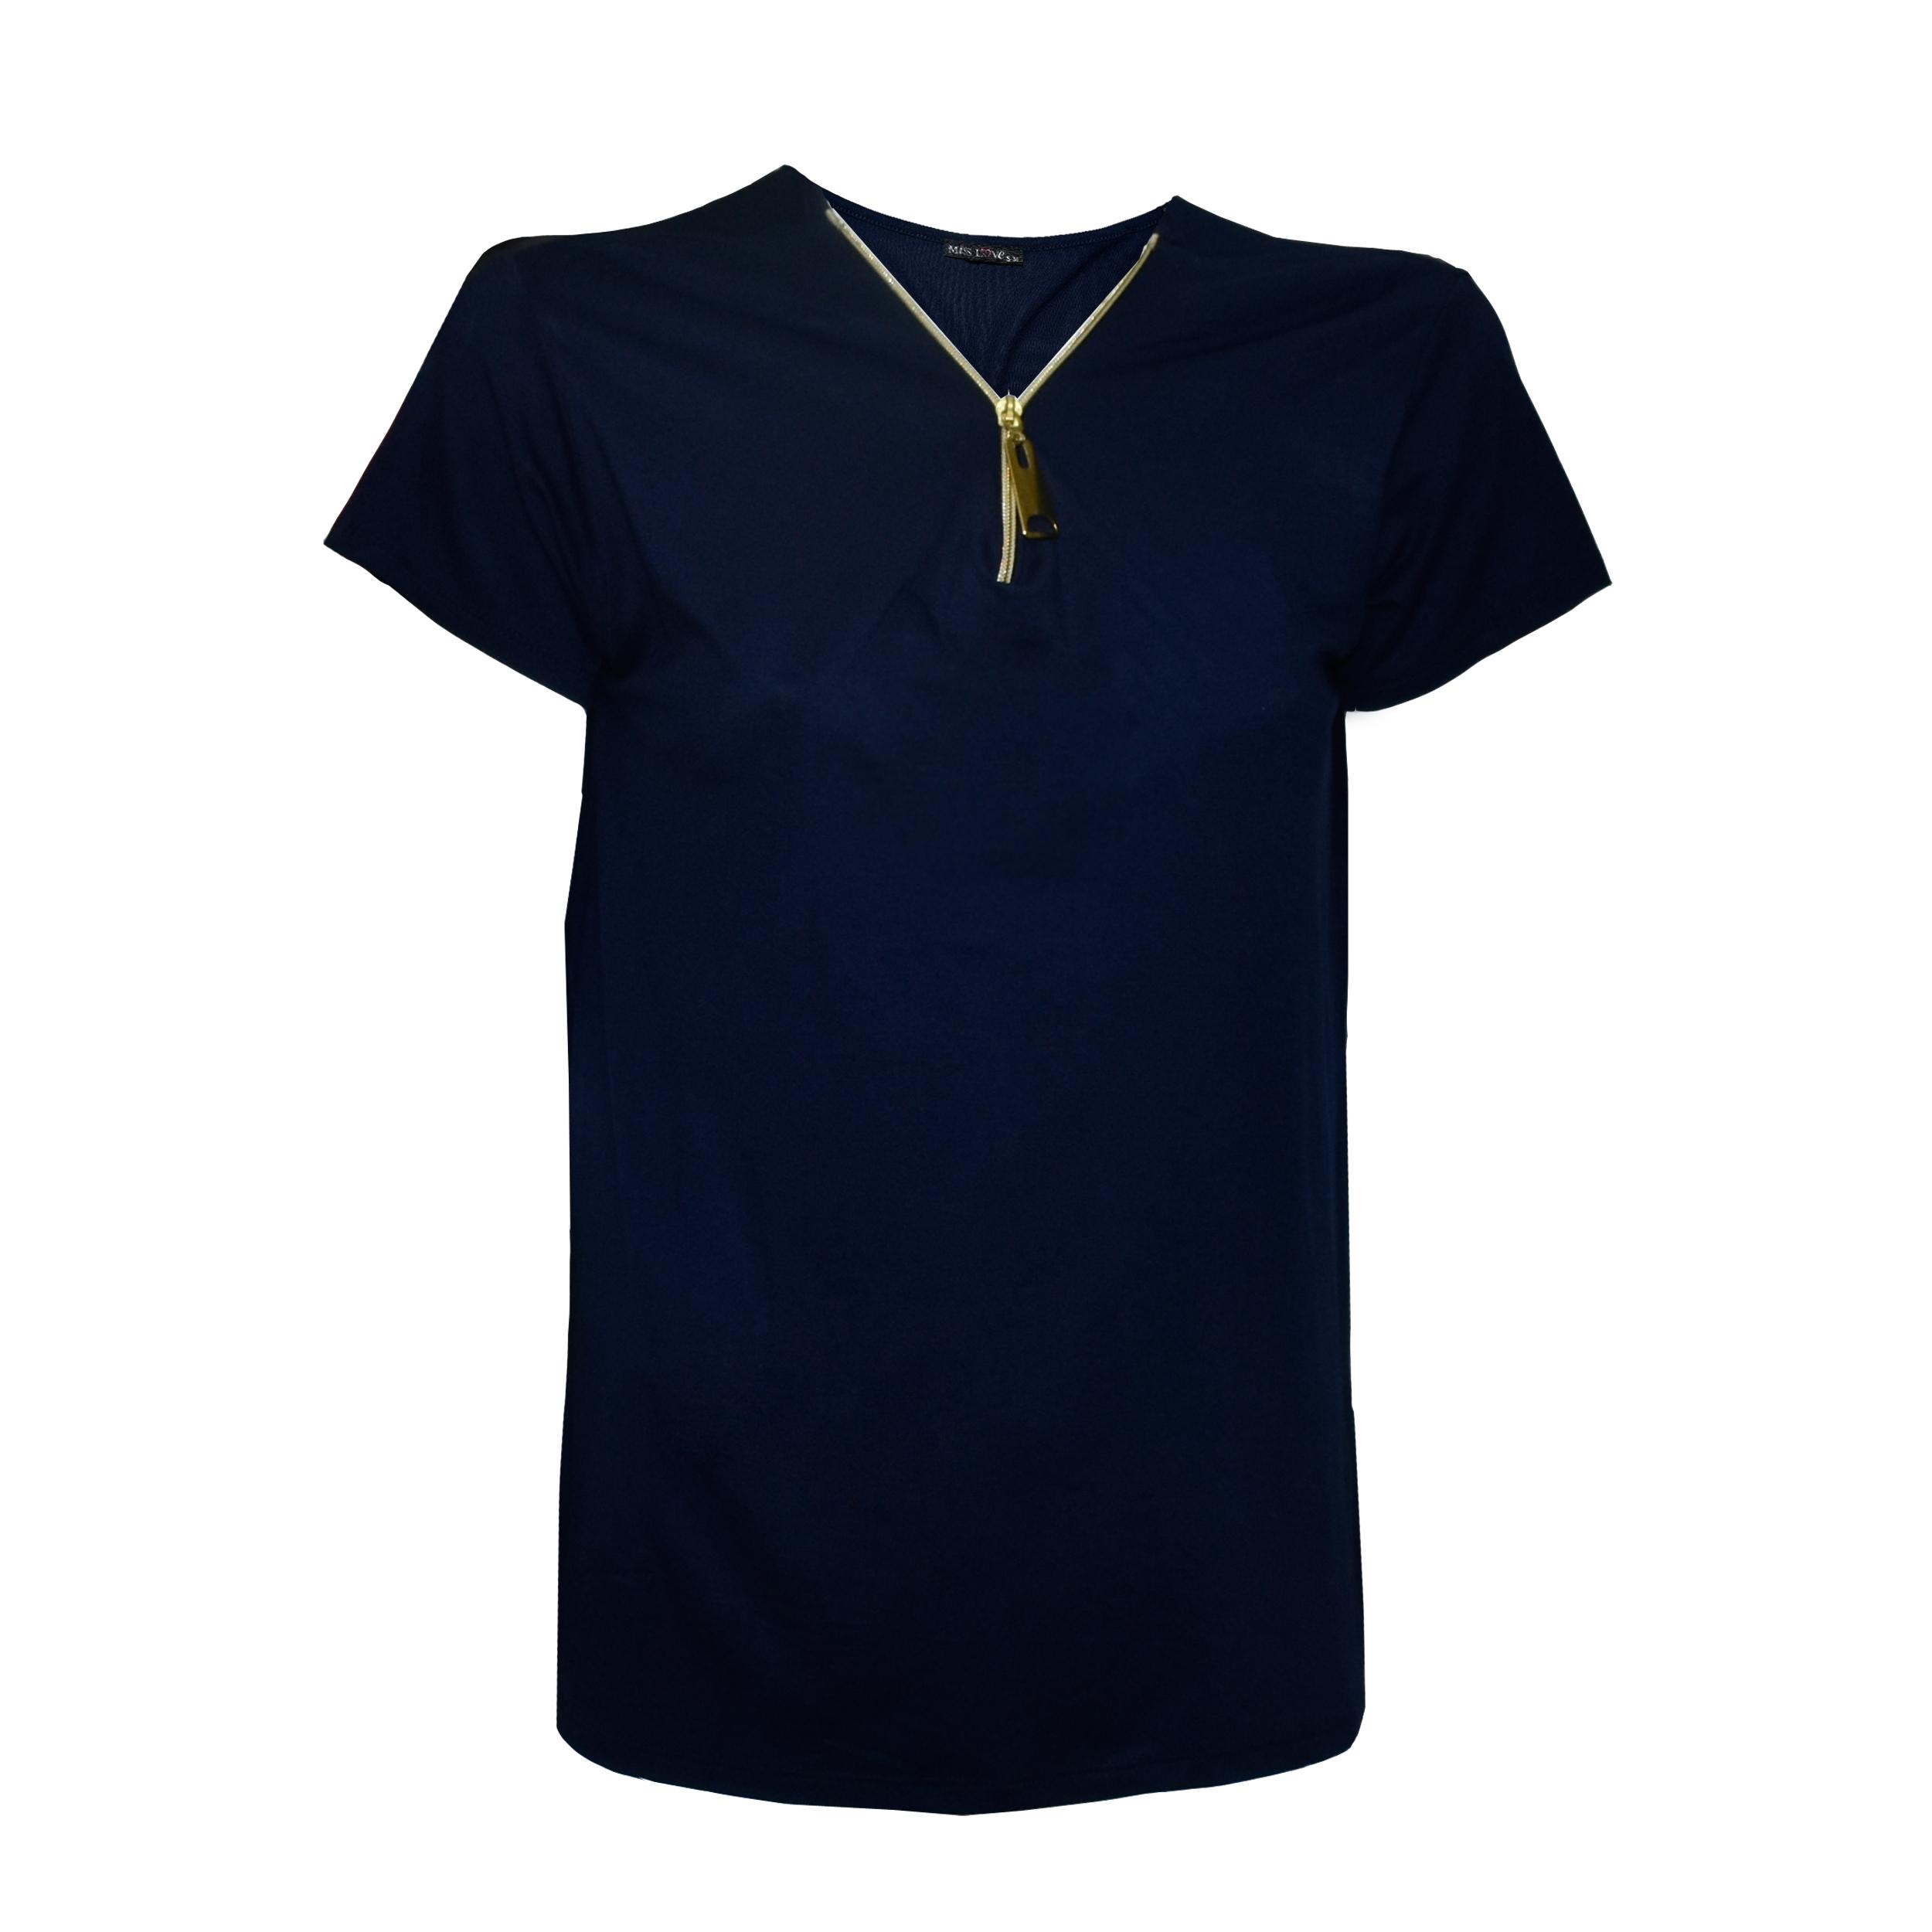 تی شرت زنانه میس لاو کد ۸۴۴۴